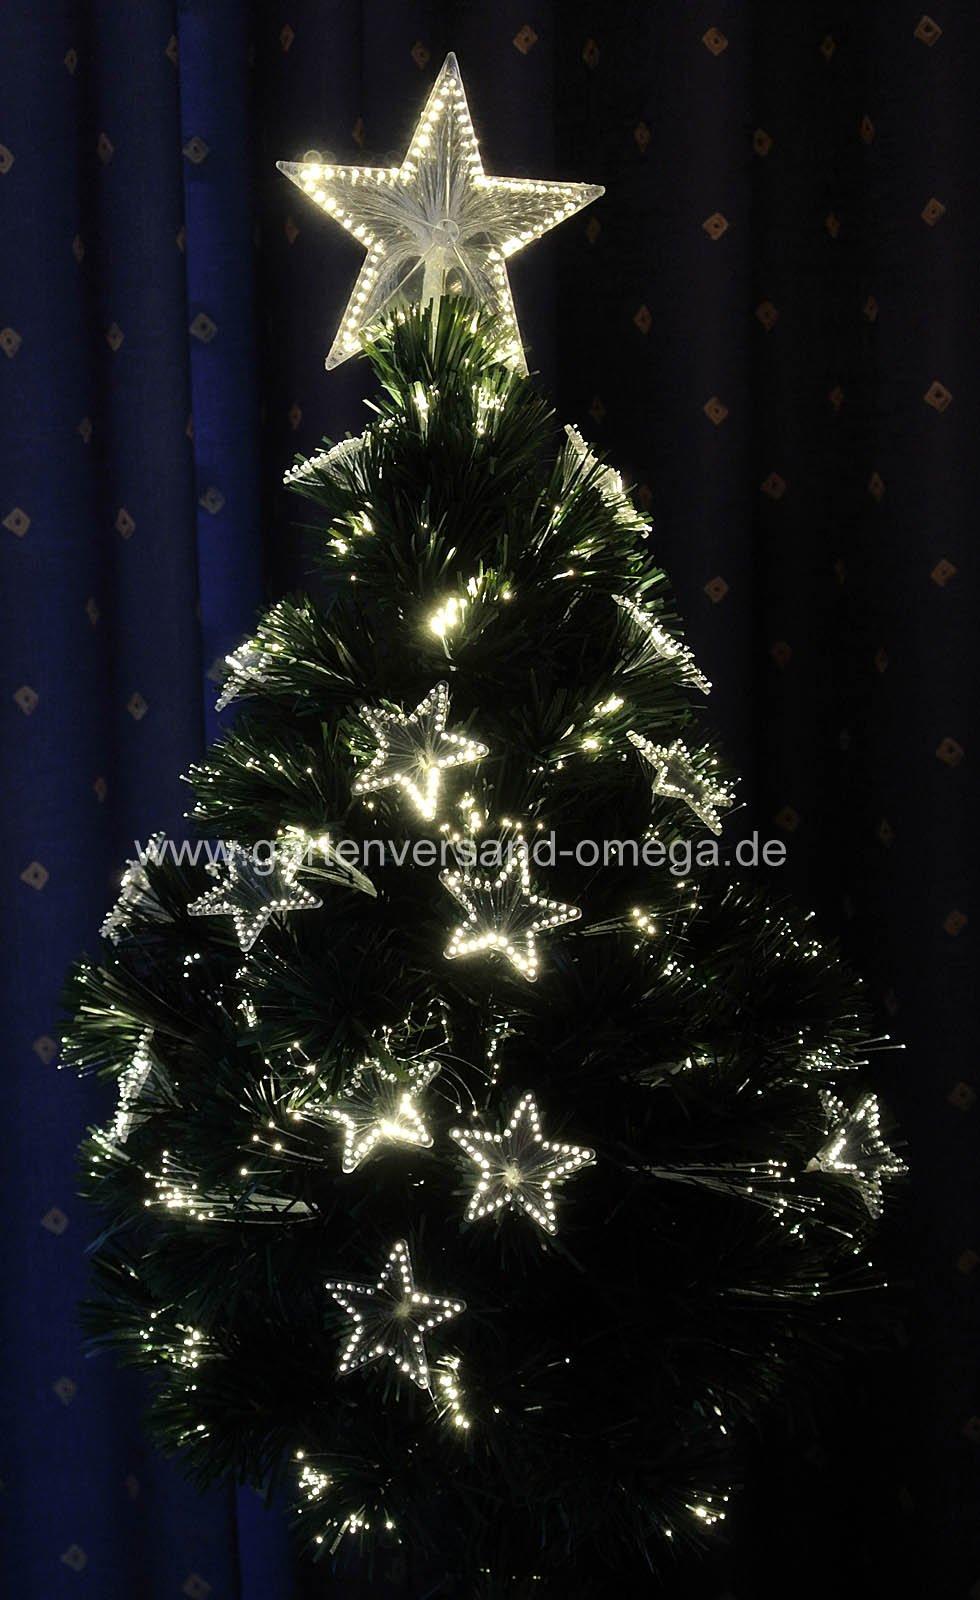 fiberoptik weihnachtsbaum mini weihnachtsbaum. Black Bedroom Furniture Sets. Home Design Ideas